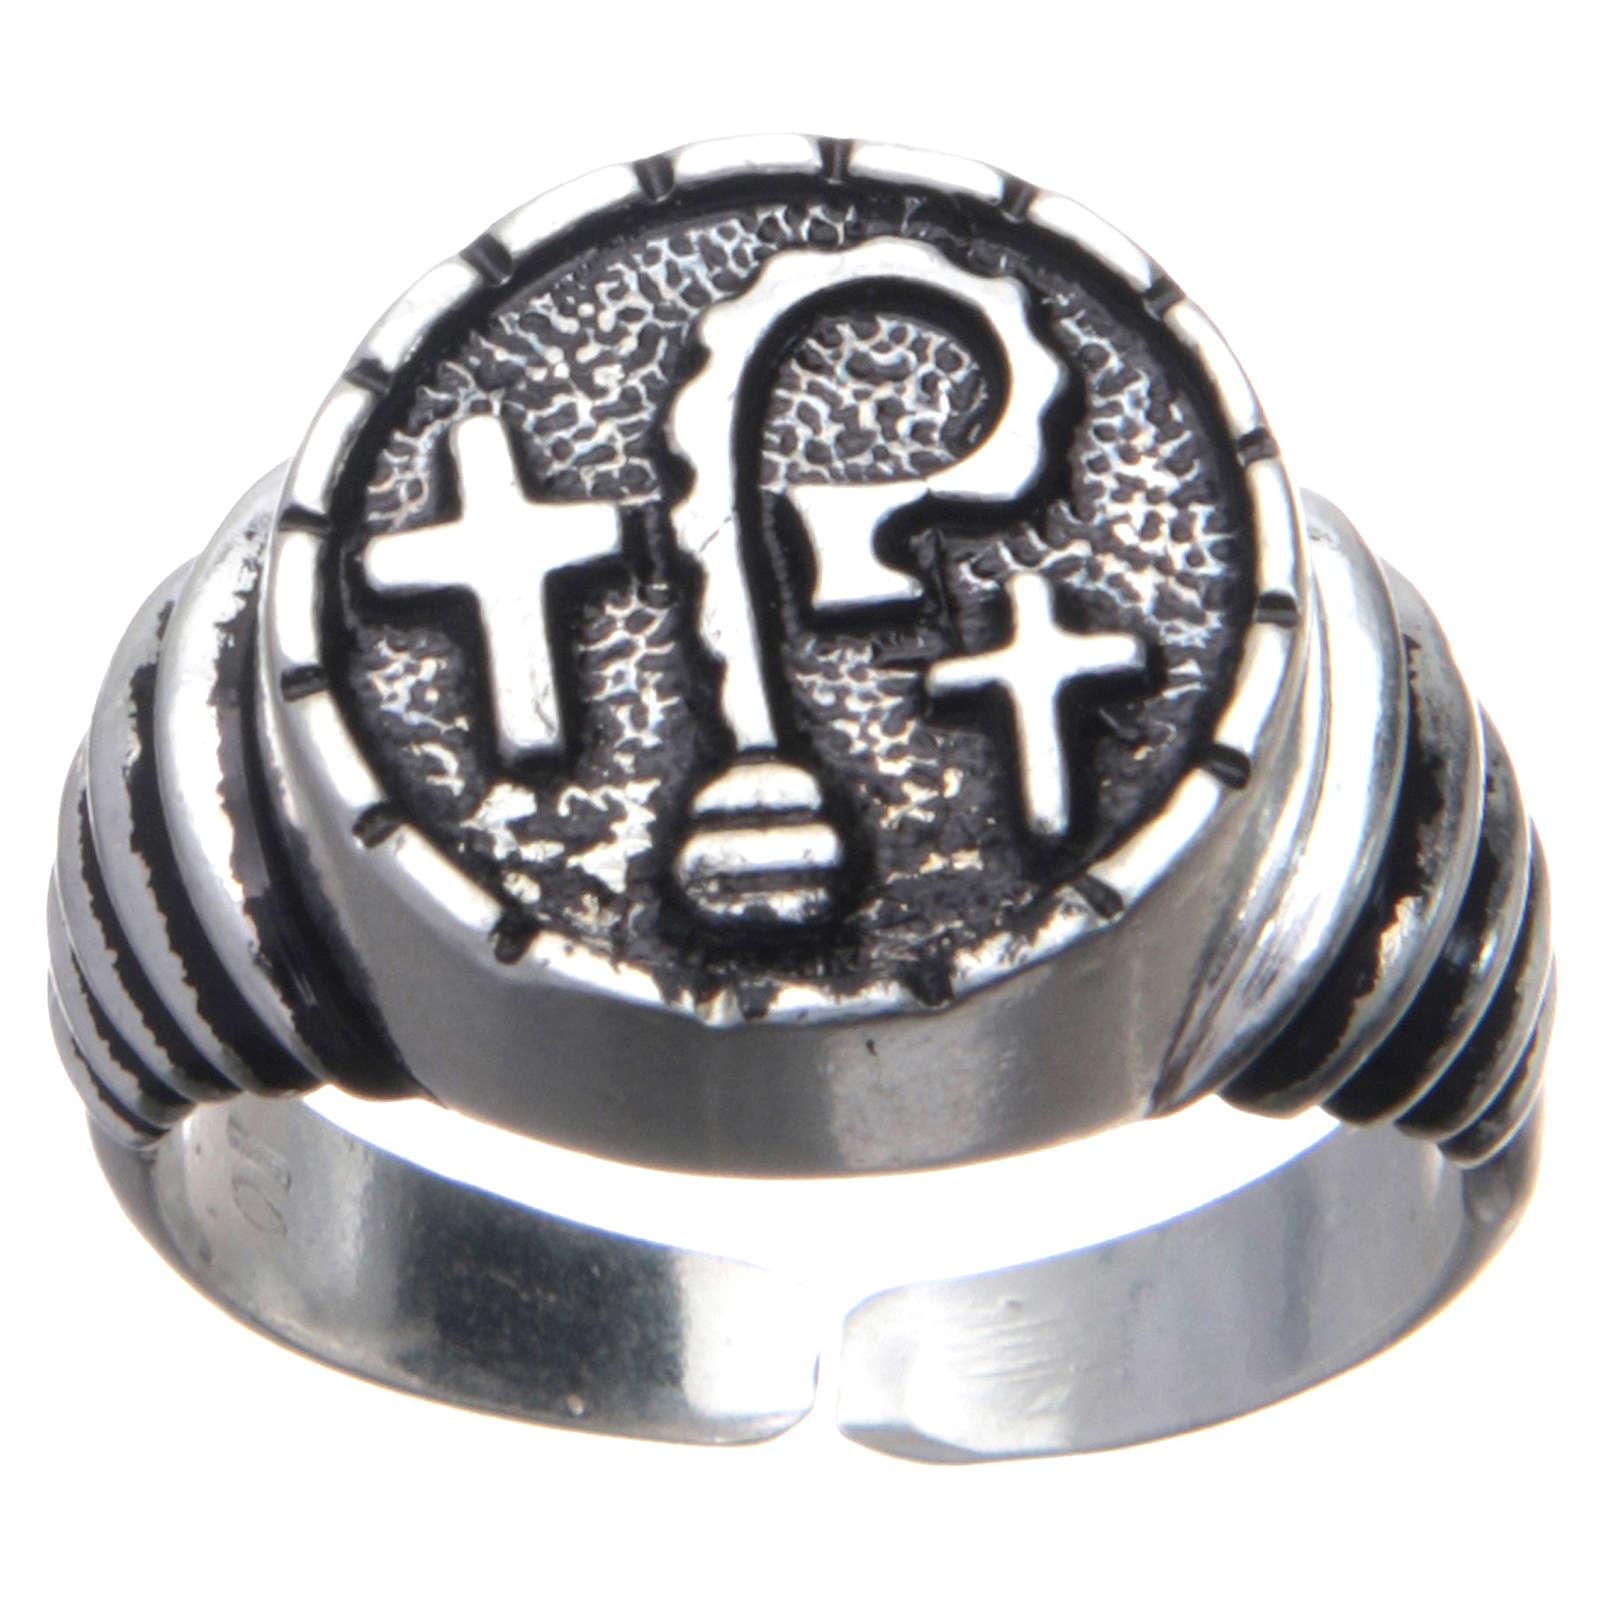 Anello vescovile in argento 925 pastorali e croci 3